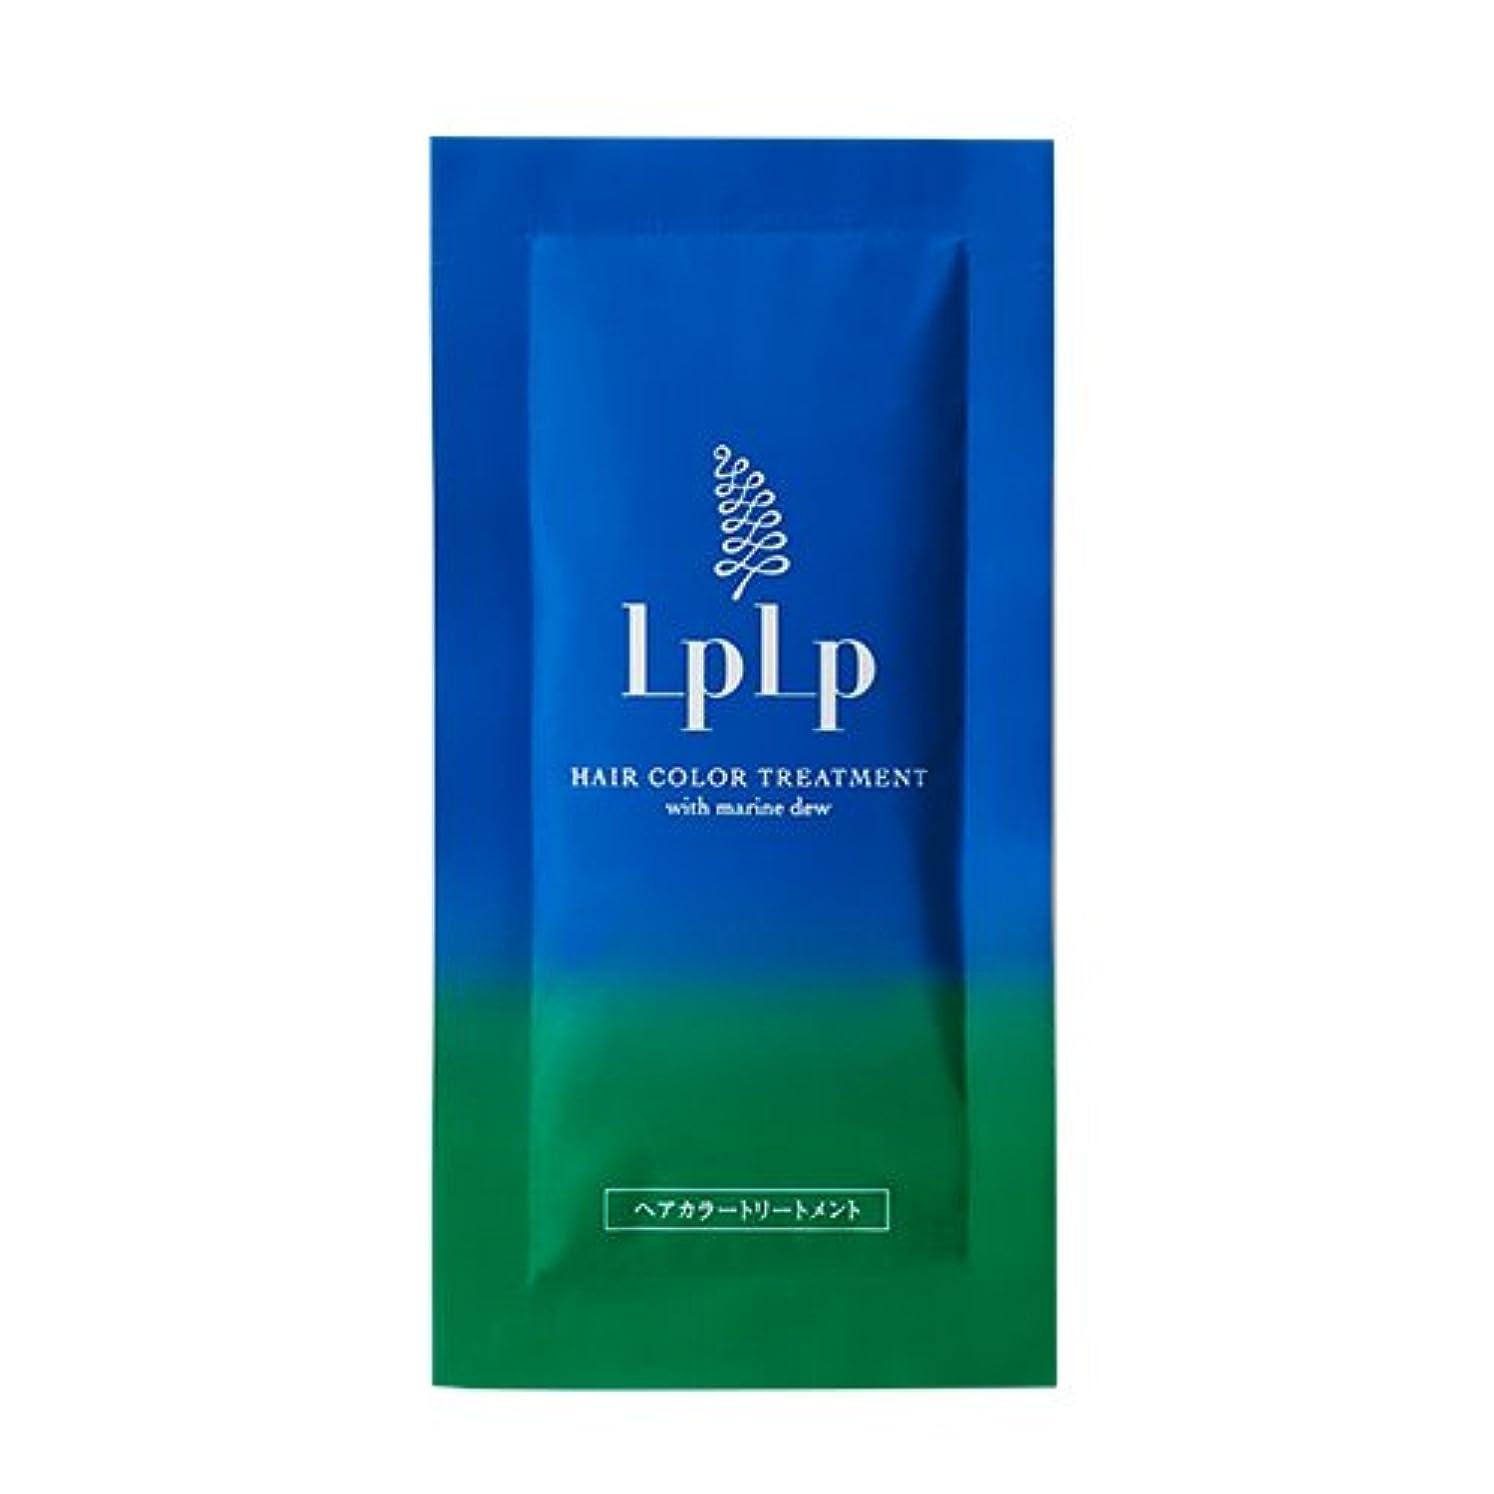 アンソロジーつらいピストルLPLP(ルプルプ)ヘアカラートリートメントお試しパウチ ブラウン